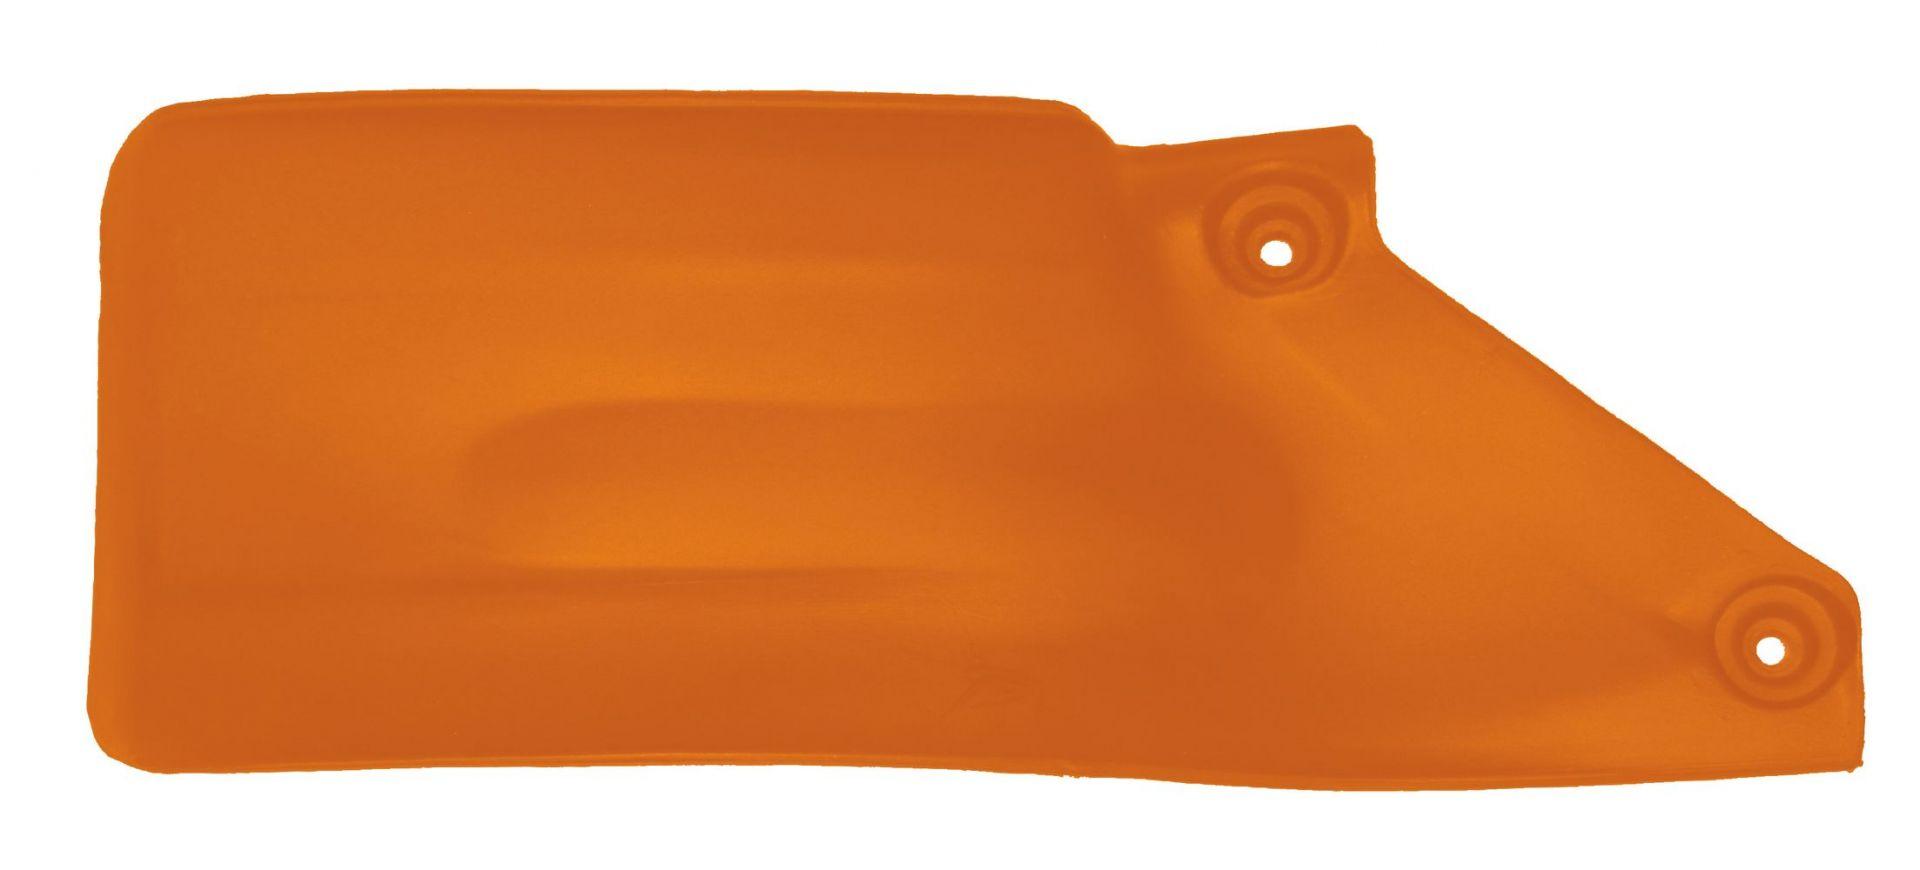 Bavette damortisseur Racetech orange pour KTM SX 125 07-15